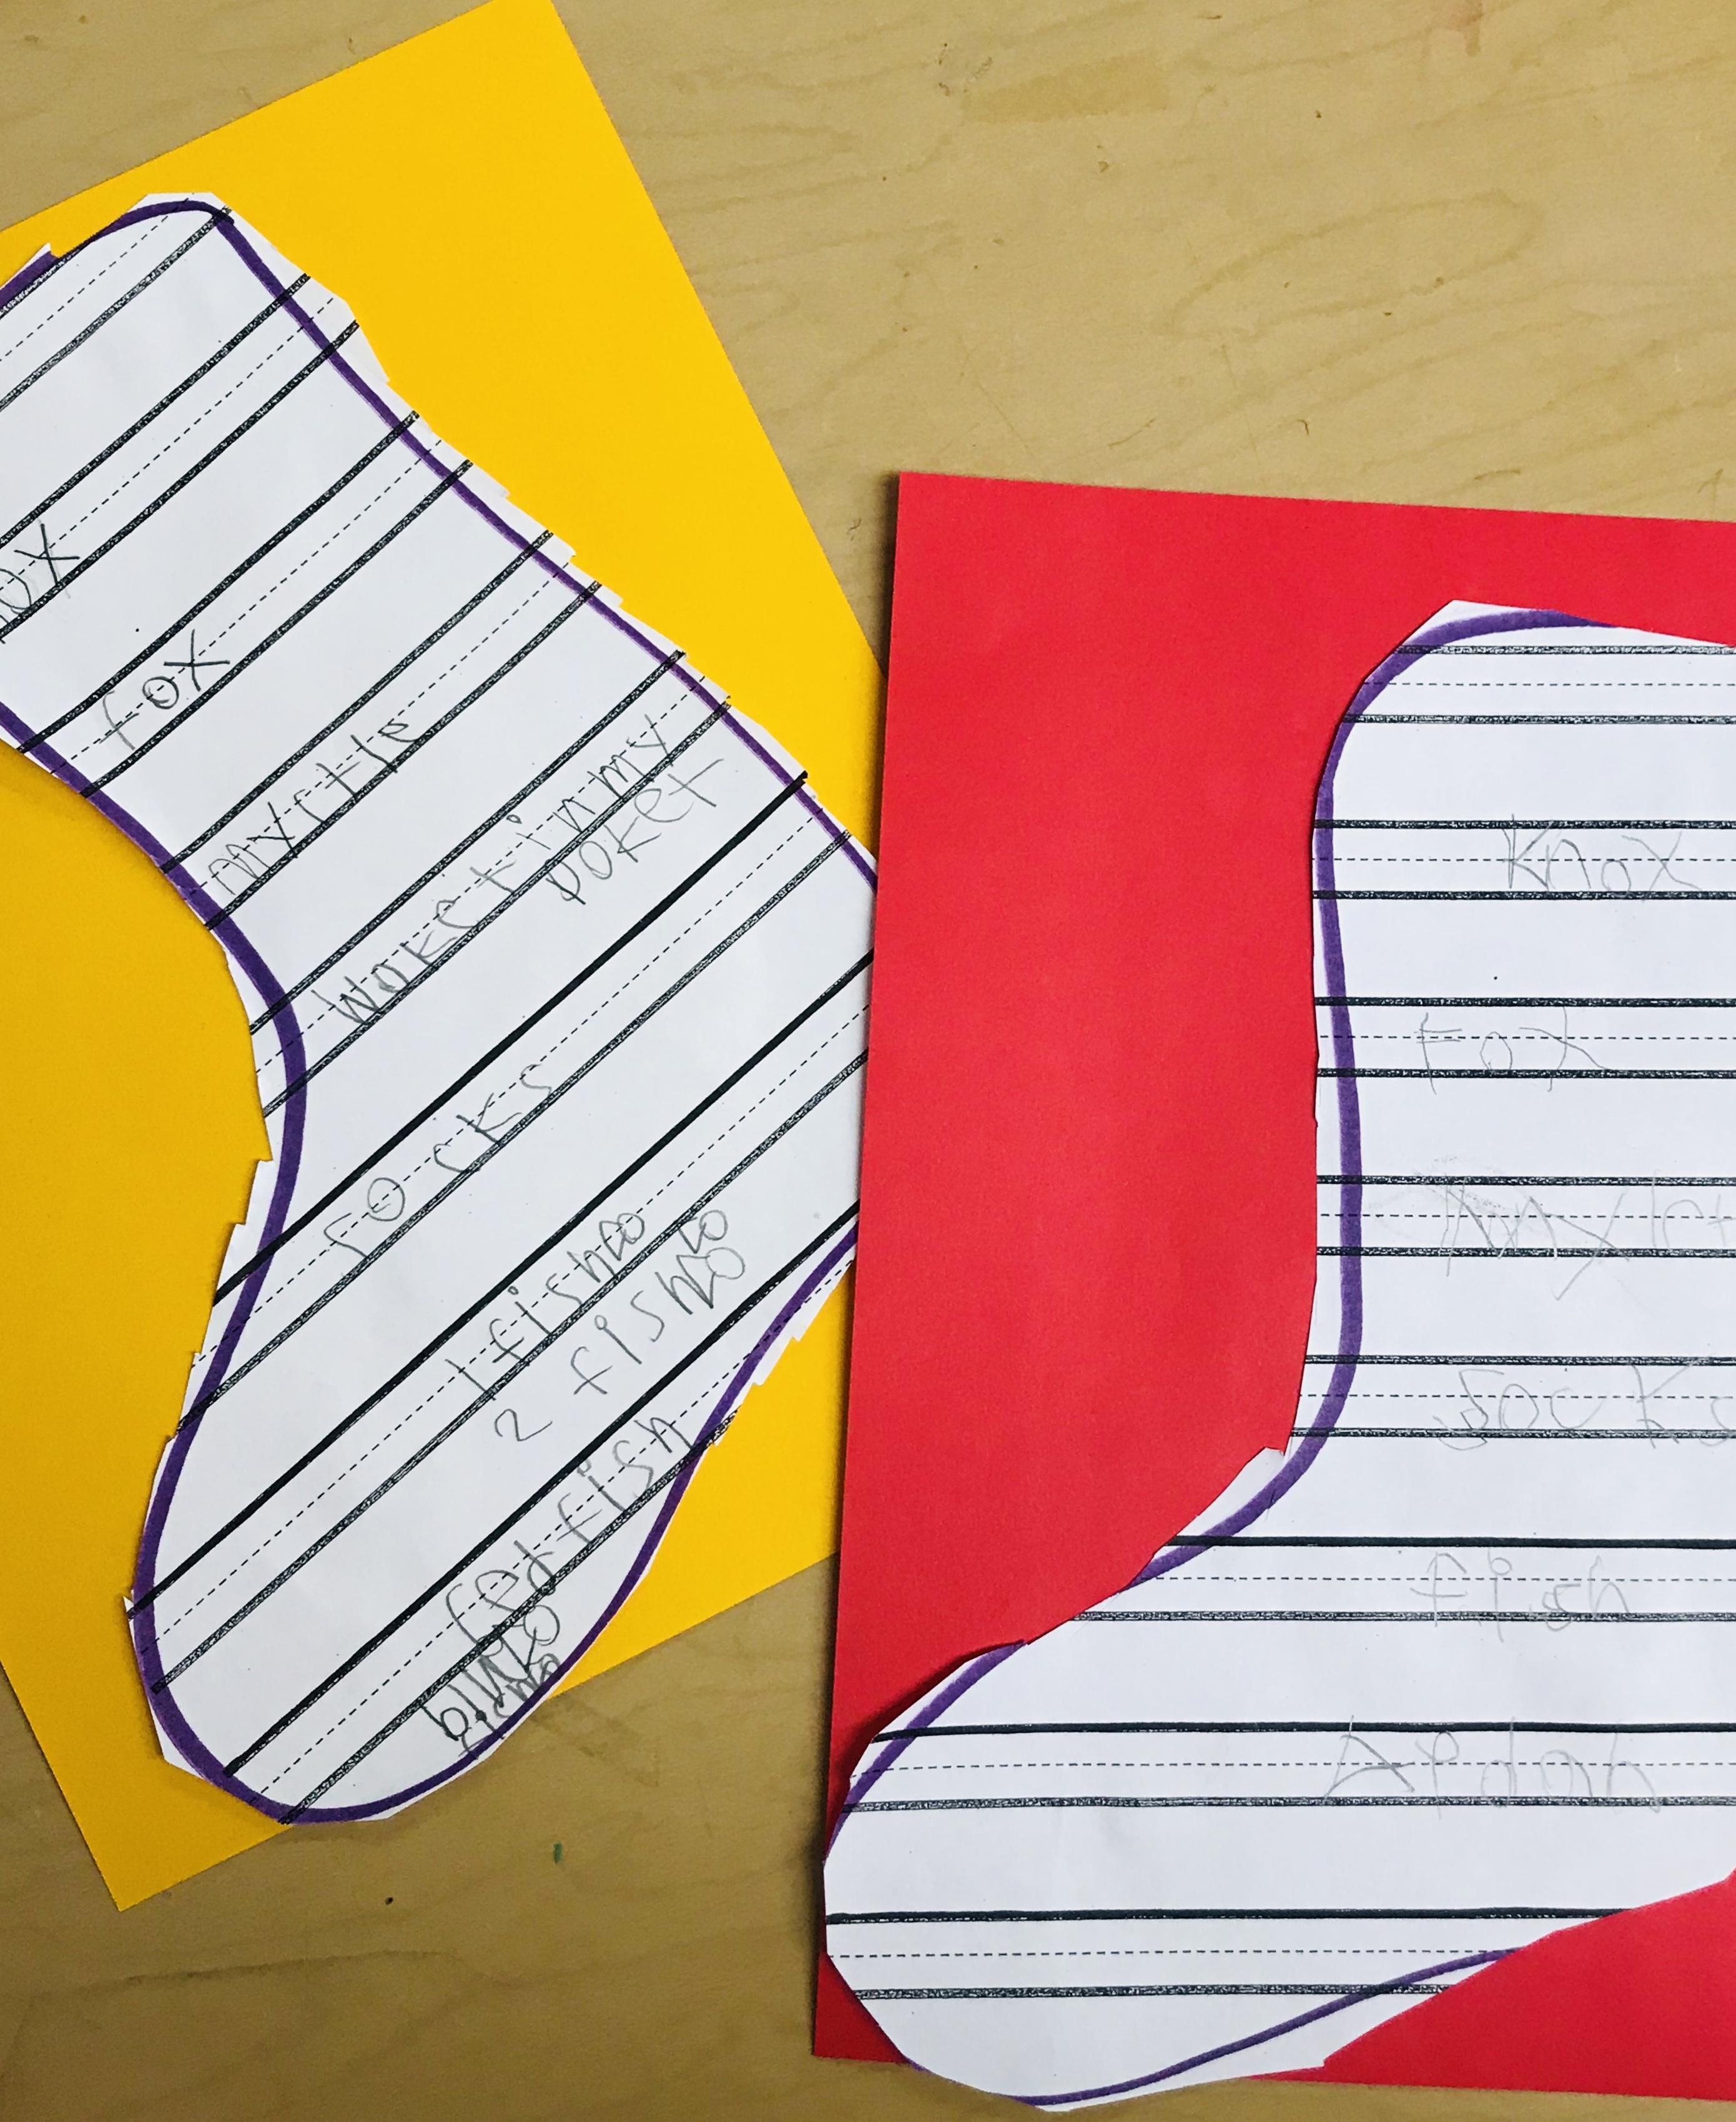 Written paper socks